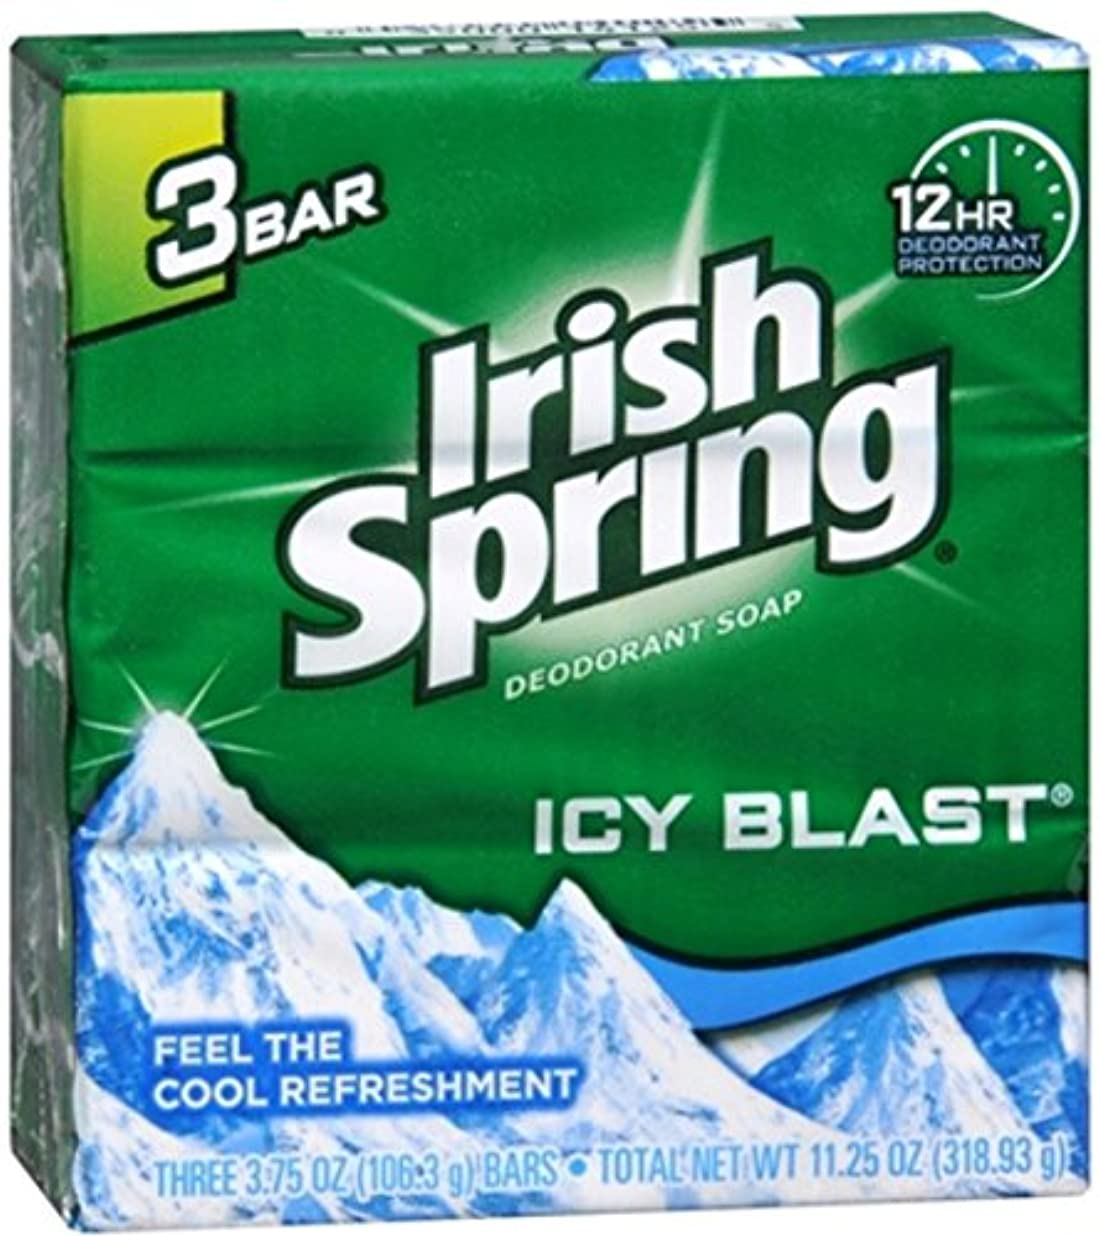 料理折スチュワードIrish Spring デオドラント石鹸、アイシーブラスト、3.75オズバー、3 Eaは(2パック) 2パック